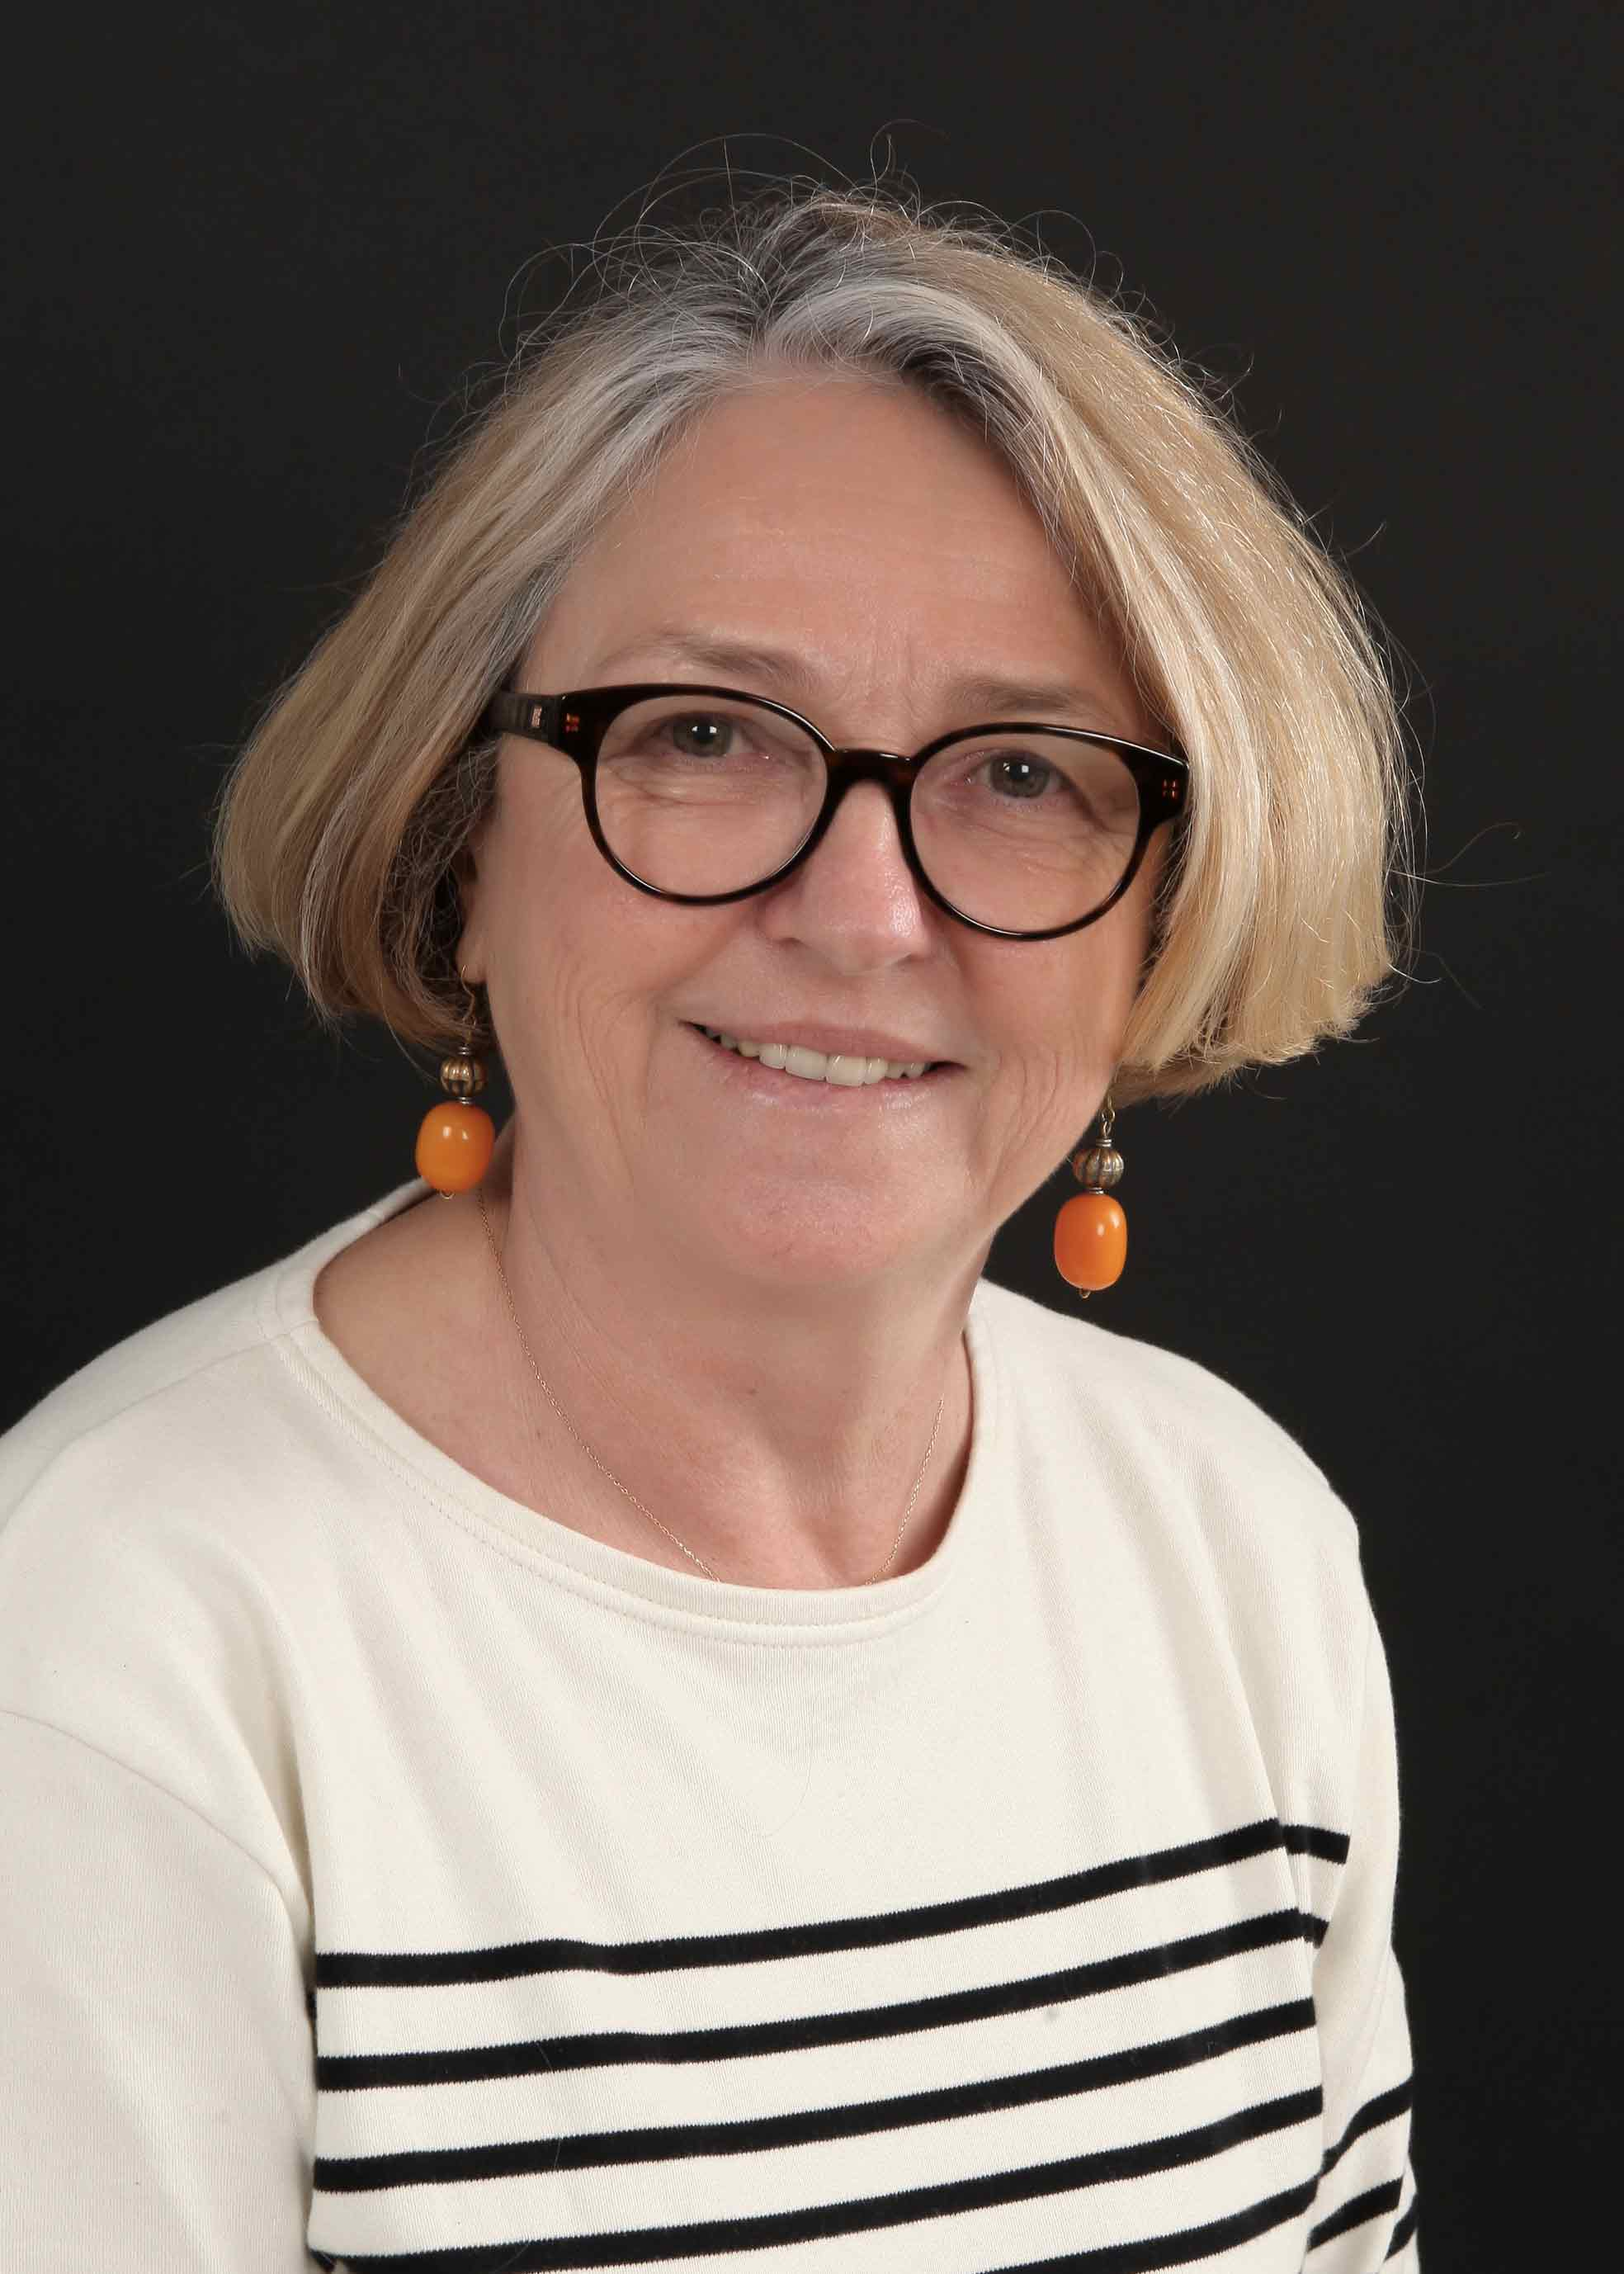 Jocelyne Jouan